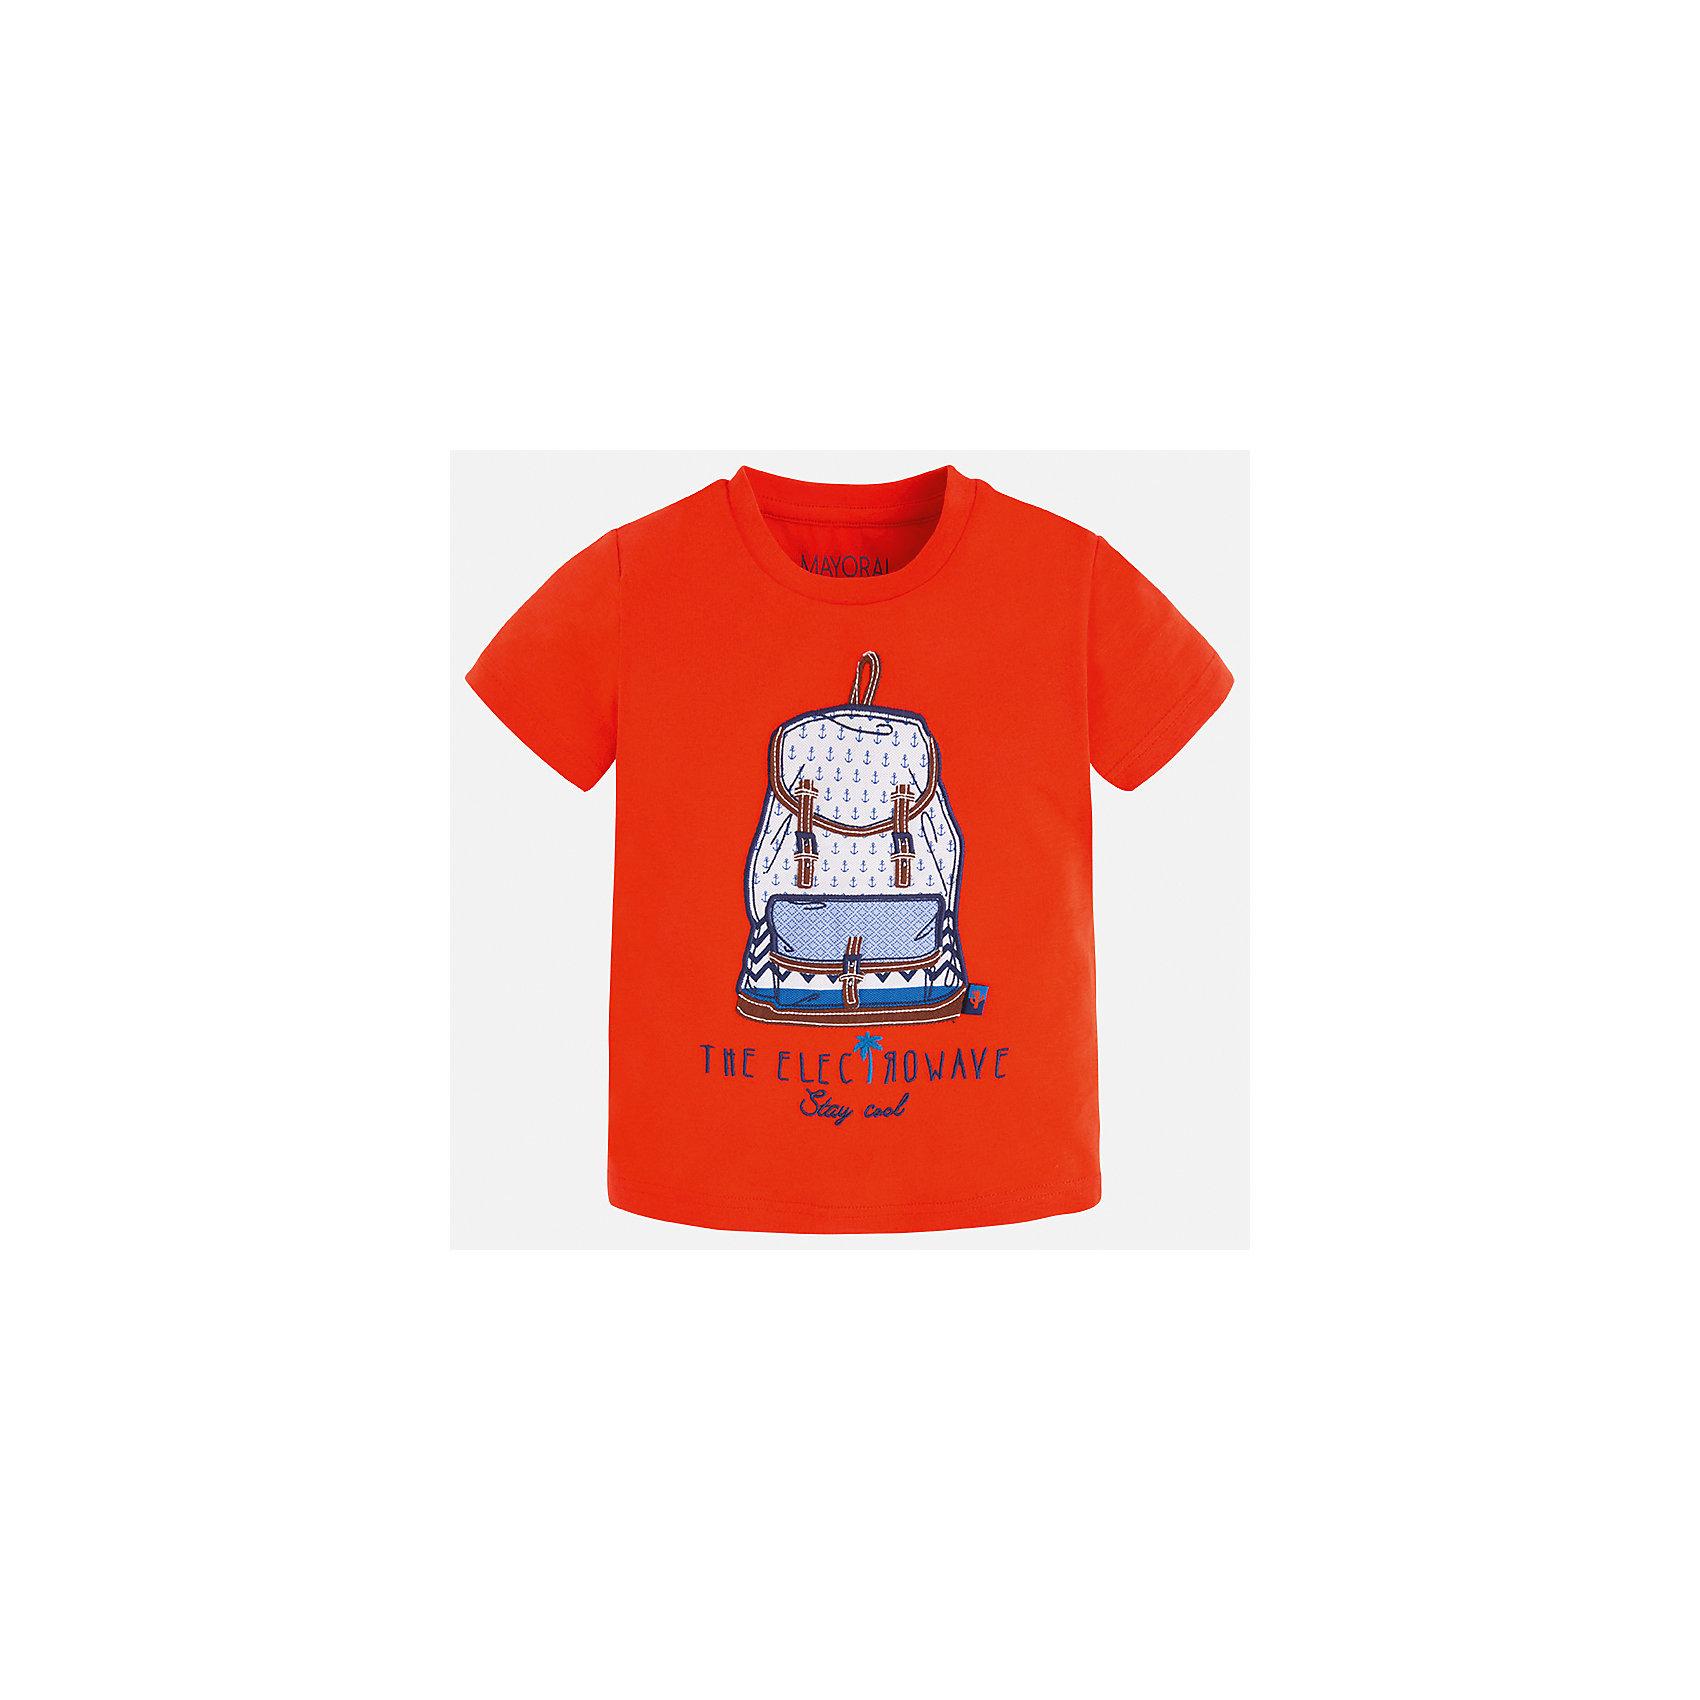 Футболка для мальчика MayoralФутболки, поло и топы<br>Характеристики товара:<br><br>• цвет: красный<br>• состав: 100% хлопок<br>• круглый горловой вырез<br>• принт впереди<br>• короткие рукава<br>• отделка горловины<br>• страна бренда: Испания<br><br>Модная удобная футболка с принтом поможет разнообразить гардероб мальчика. Она отлично сочетается с брюками, шортами, джинсами и т.д. Универсальный крой и цвет позволяет подобрать к вещи низ разных расцветок. Практичное и стильное изделие! В составе материала - только натуральный хлопок, гипоаллергенный, приятный на ощупь, дышащий.<br><br>Одежда, обувь и аксессуары от испанского бренда Mayoral полюбились детям и взрослым по всему миру. Модели этой марки - стильные и удобные. Для их производства используются только безопасные, качественные материалы и фурнитура. Порадуйте ребенка модными и красивыми вещами от Mayoral! <br><br>Футболку для мальчика от испанского бренда Mayoral (Майорал) можно купить в нашем интернет-магазине.<br><br>Ширина мм: 199<br>Глубина мм: 10<br>Высота мм: 161<br>Вес г: 151<br>Цвет: красный<br>Возраст от месяцев: 18<br>Возраст до месяцев: 24<br>Пол: Мужской<br>Возраст: Детский<br>Размер: 92,134,128,122,116,110,104,98<br>SKU: 5279791